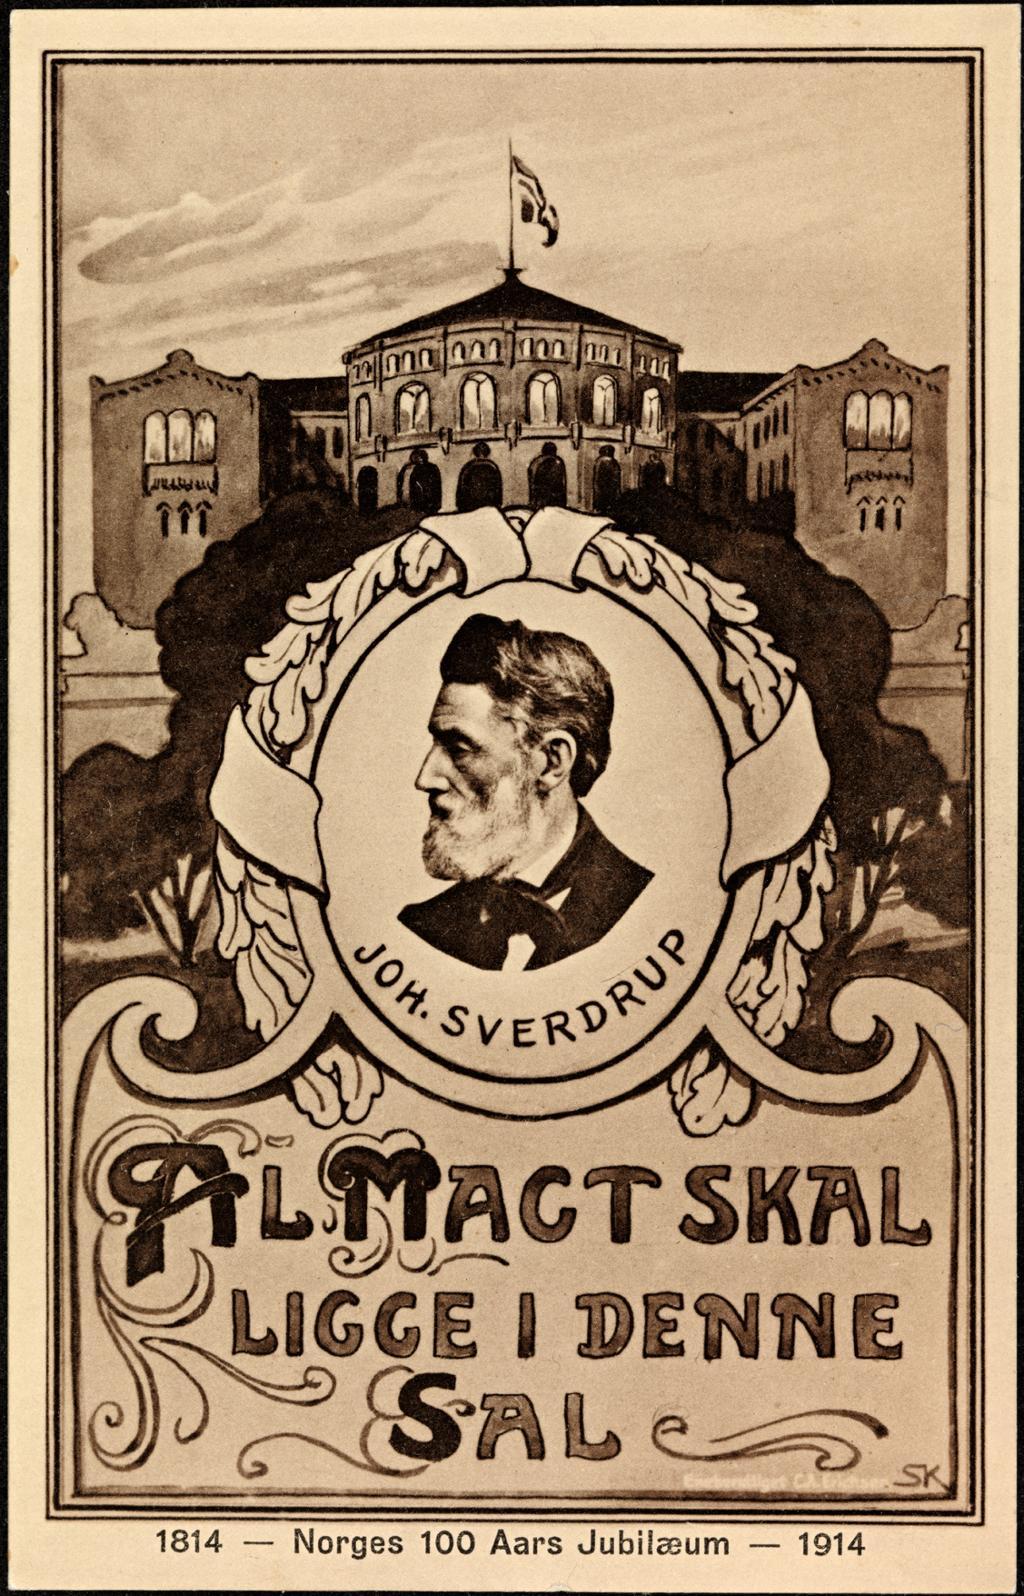 All makt skal ligge i denne sal. Postkort av Johan Sverdrup til Norges 100årsjubileum. Foto.